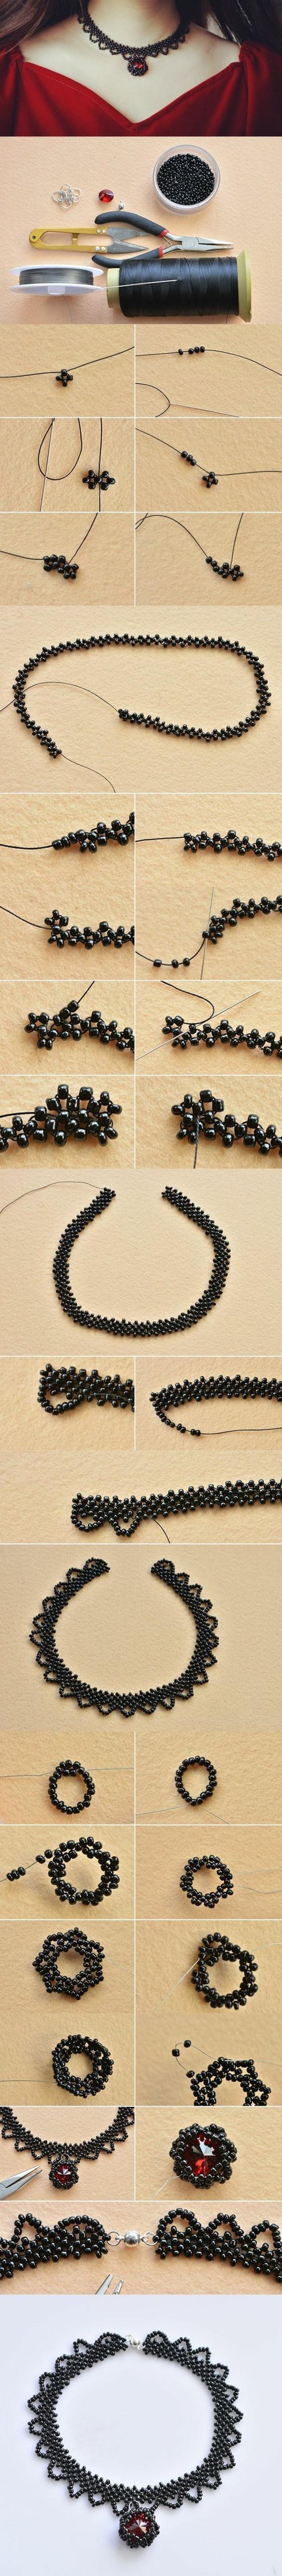 comment-fabriquer-des-bijoux-vous-memes-a-la-maison-collier-a-faire-soi-meme